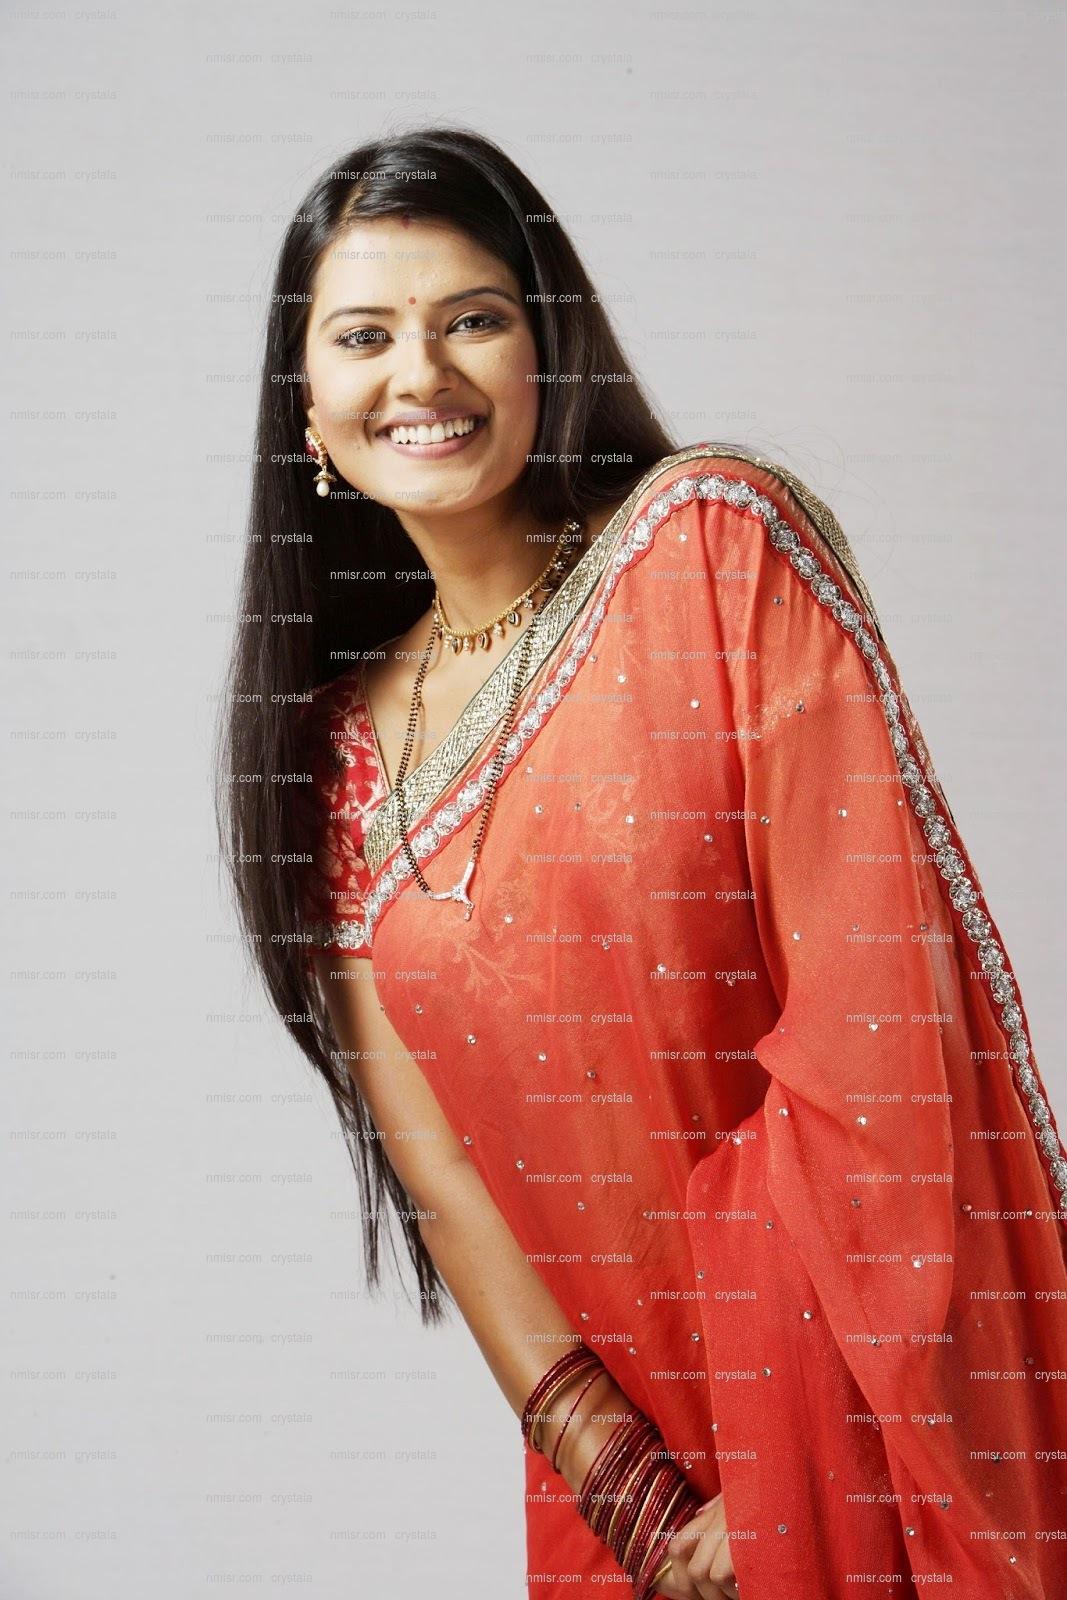 صور جديدة من المسلسل الهندي فرصة ثانية 2014 , أحلى صور لأبطال مسلسل فرصة ثانية 2014